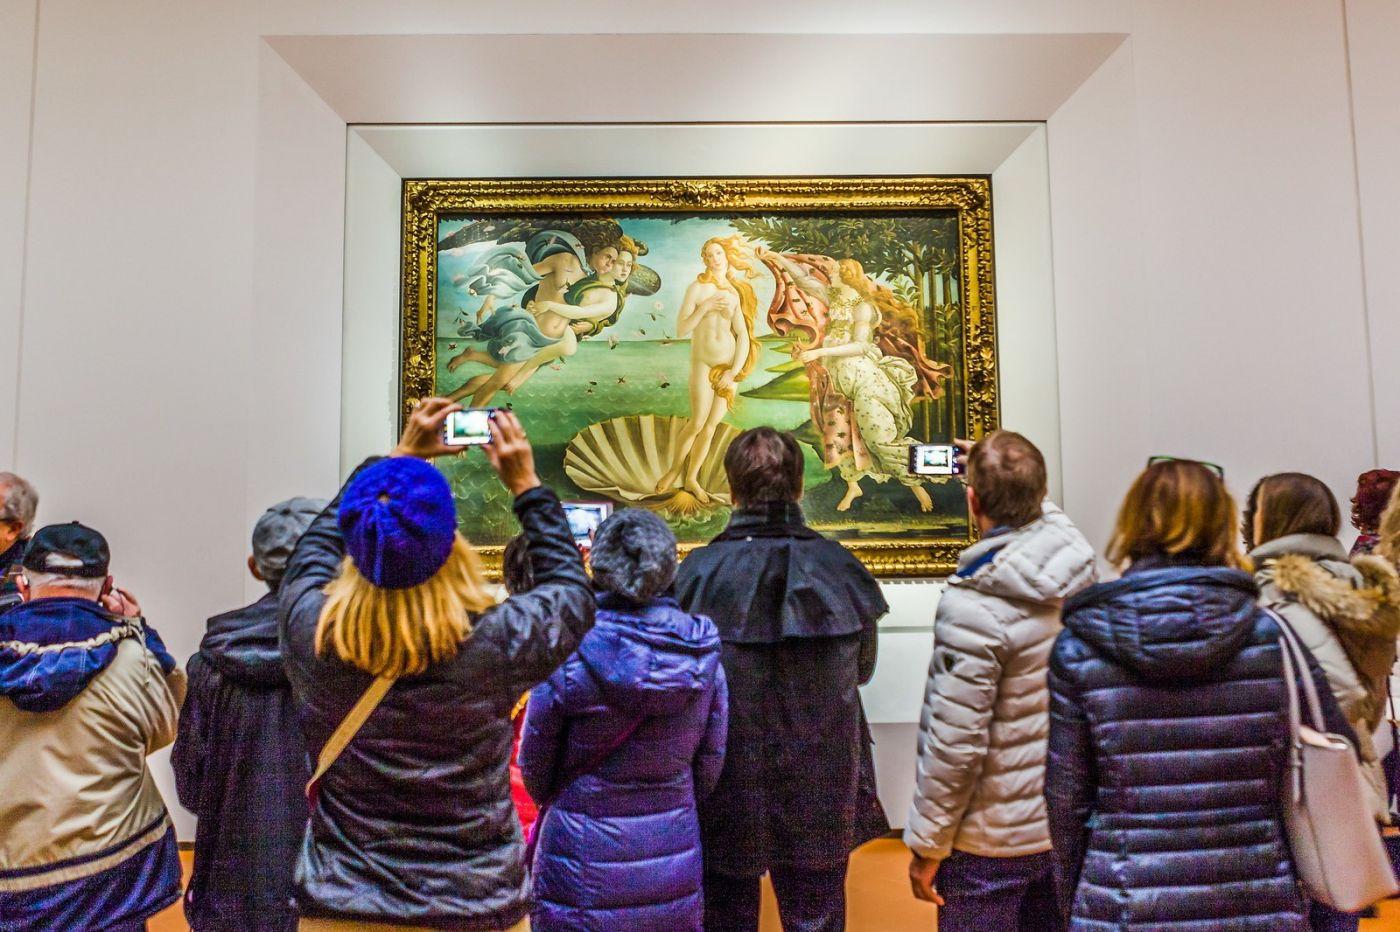 意大利佛罗伦斯乌菲兹美术馆, 藏品大展_图1-1